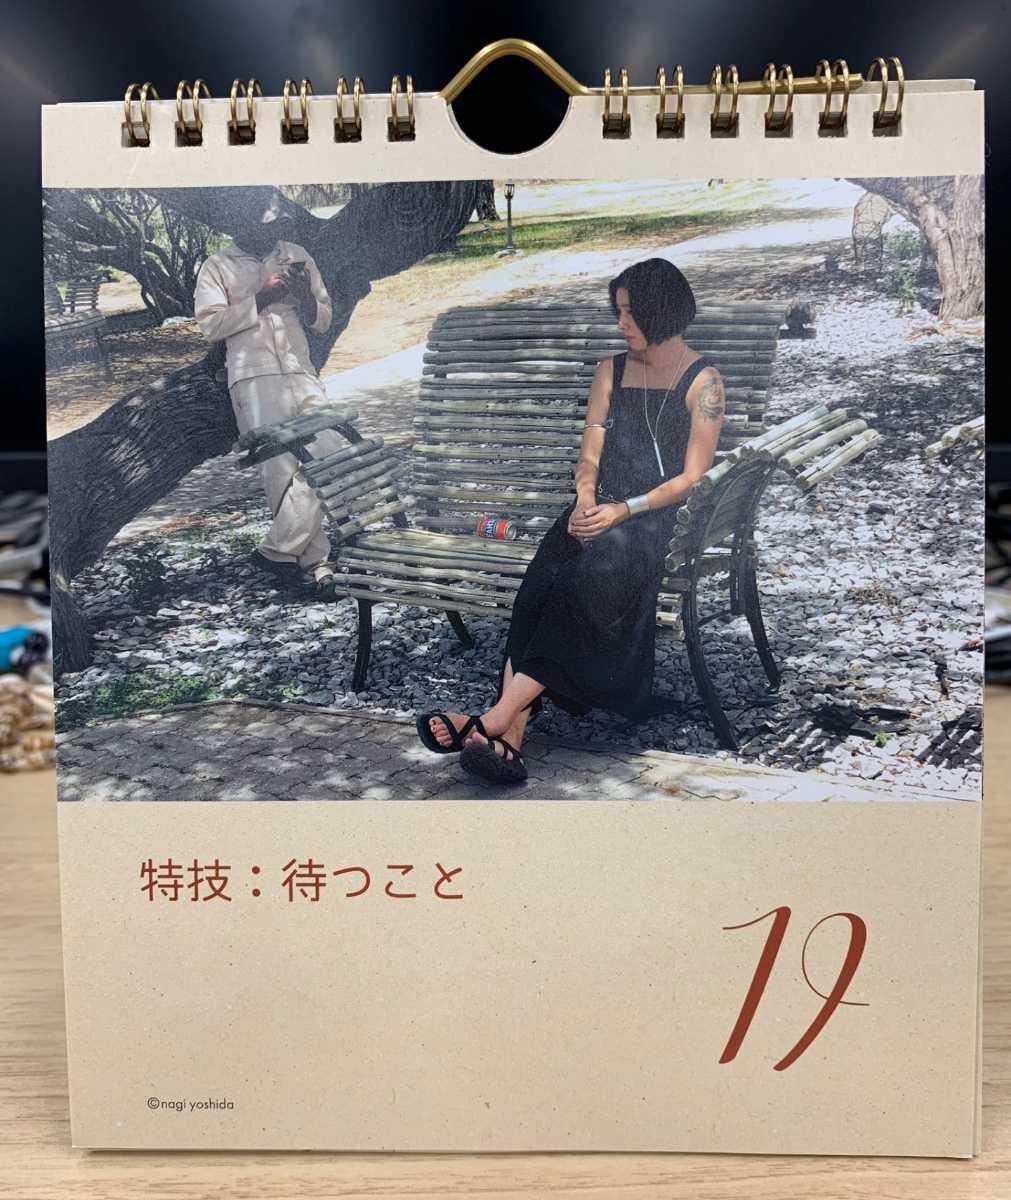 ヨシダナギ 日めくりカレンダー/アフリカ/クレージージャーニー 新品未開封_画像6